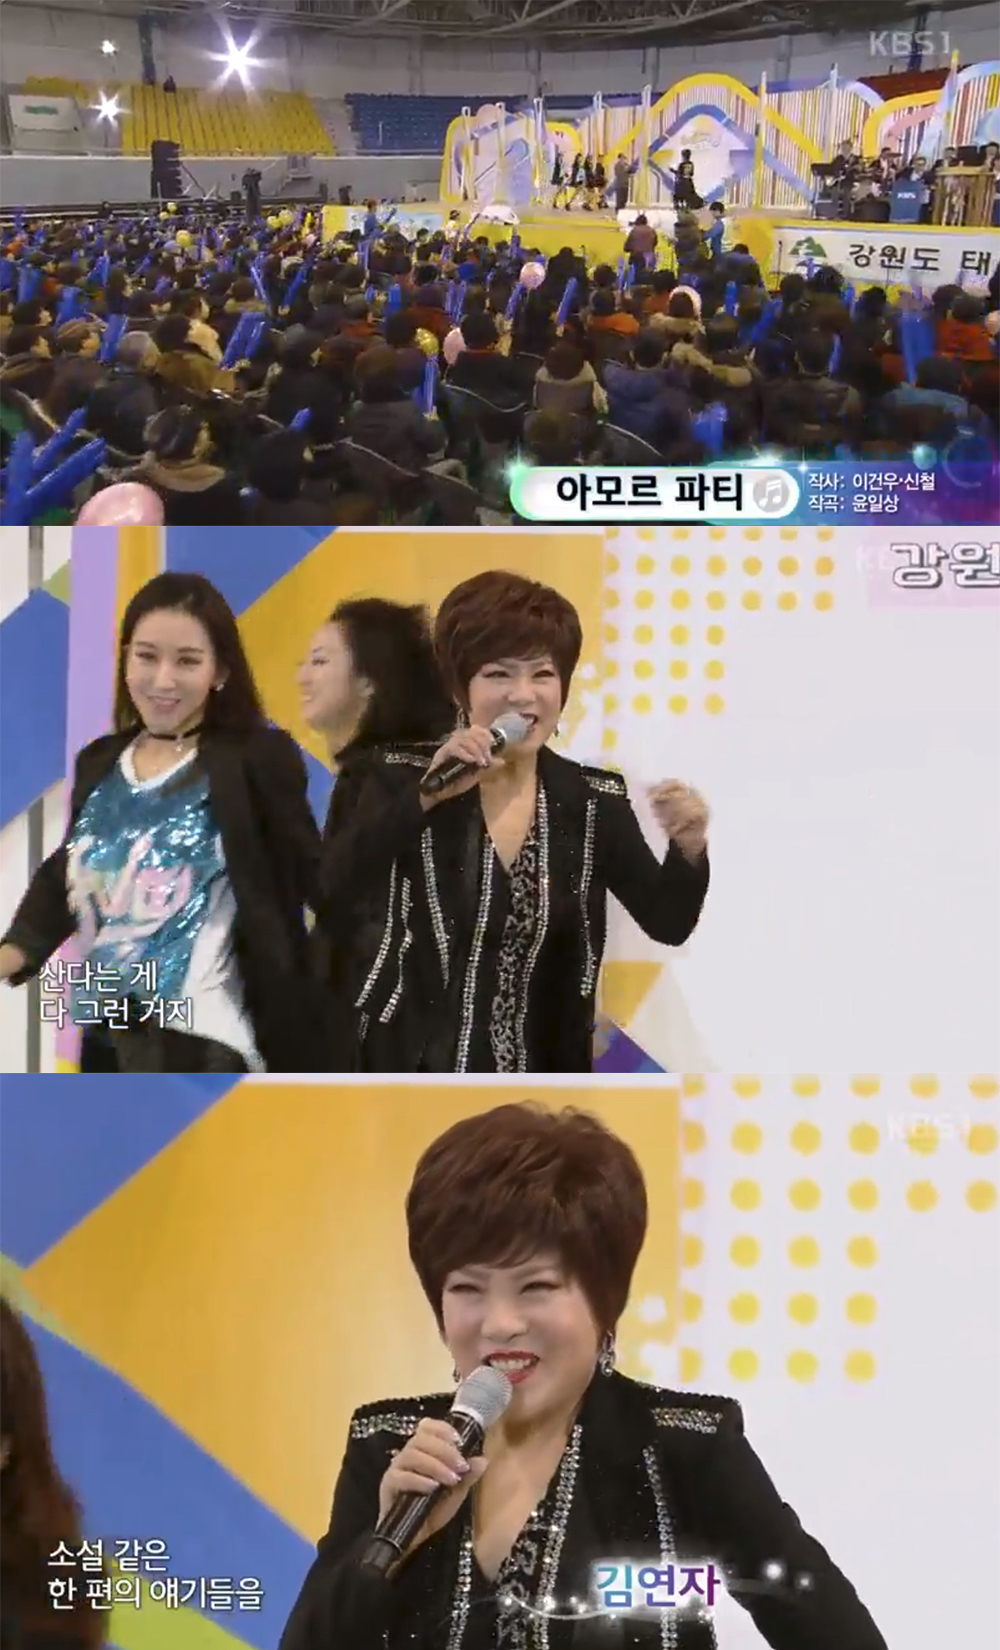 `전국노래자랑` 가수 김연자 `아모르파티` 무대에서 나이 잊은 가창력 과시…`아모르파티의 뜻은`